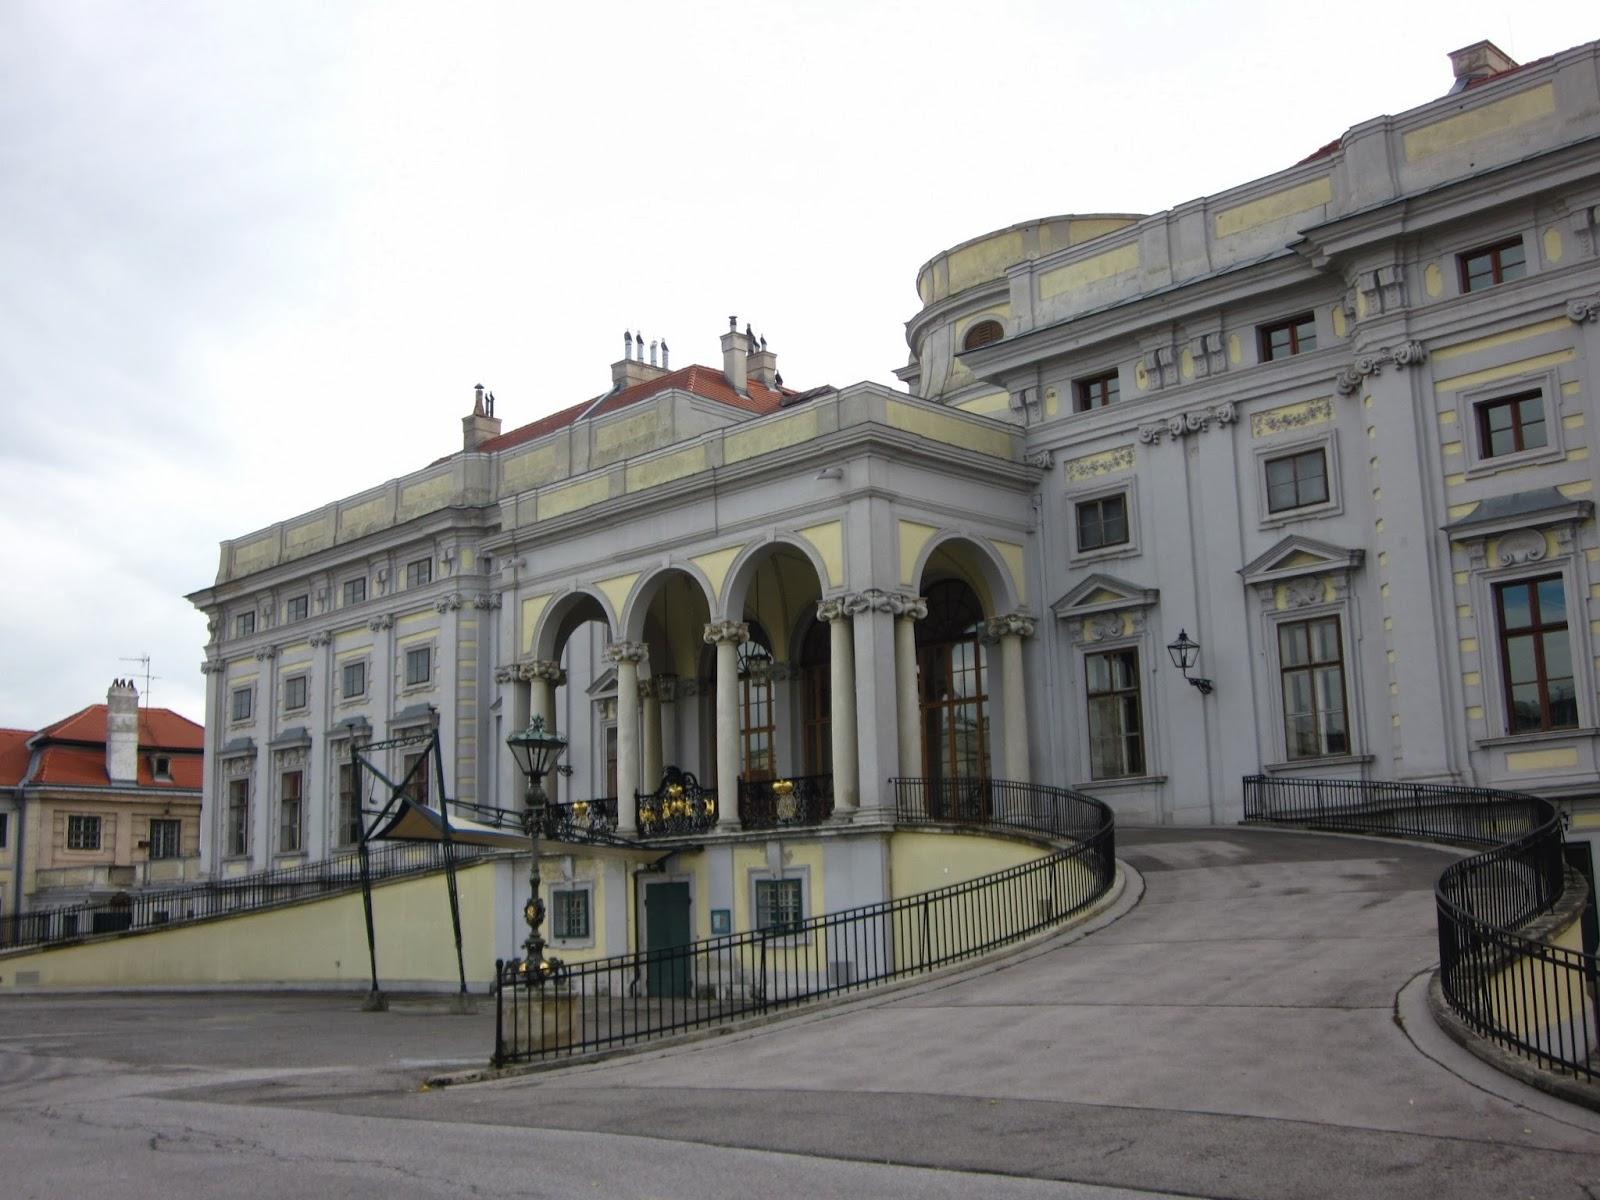 el hotel en Viena de la película Alta Tensión de 007